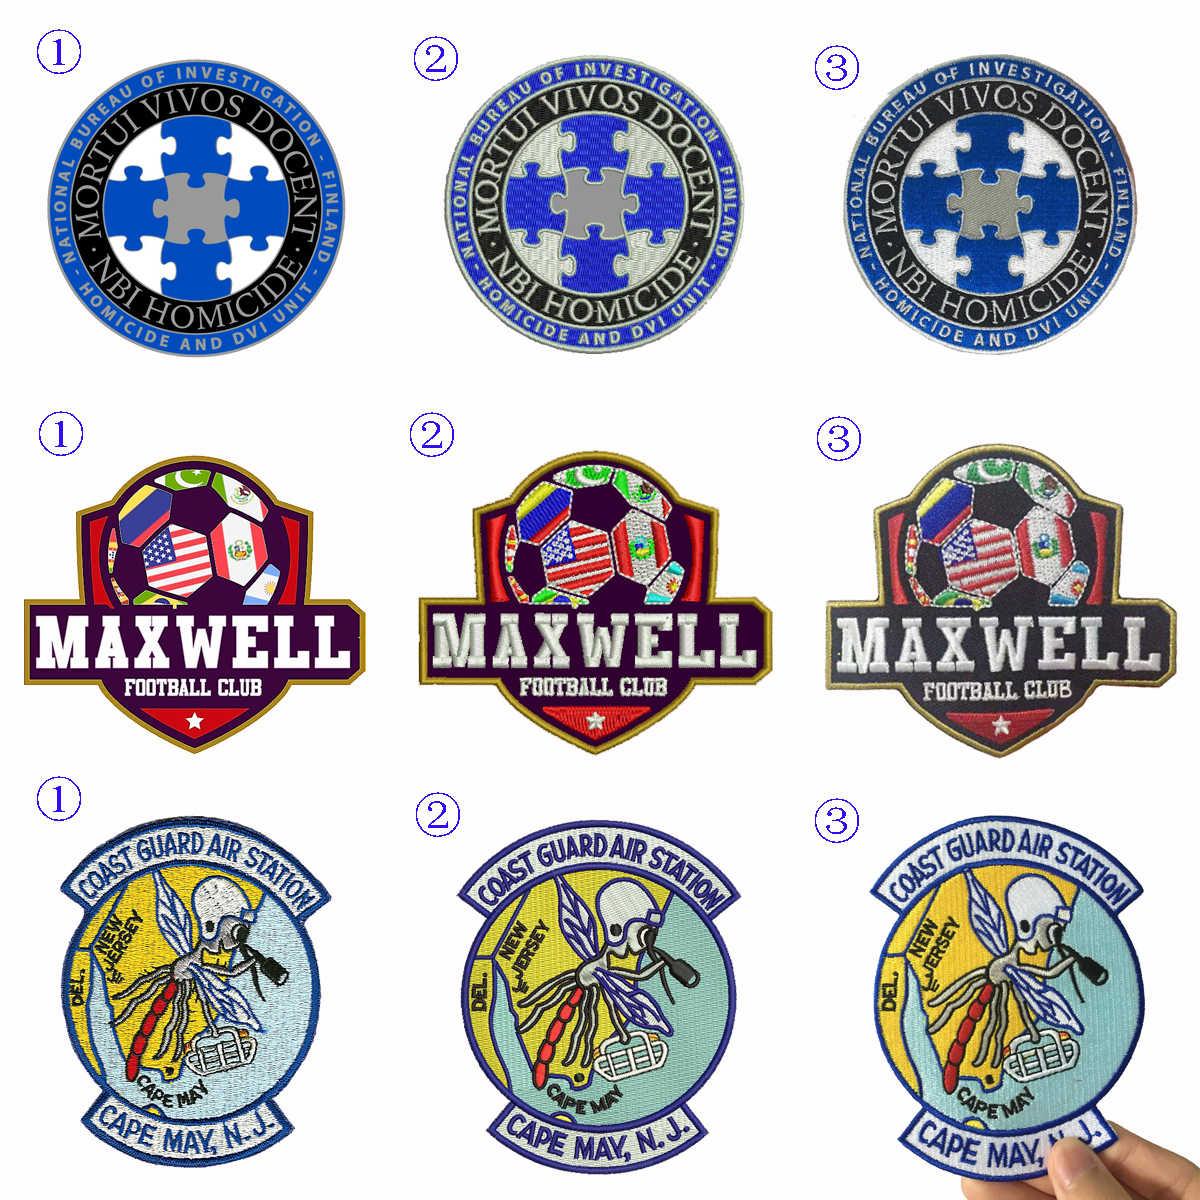 Kustom Bordir Patch besi pribadi Anda sendiri pada biker militer patch untuk pakaian applique DIY pvc lencana surat stiker